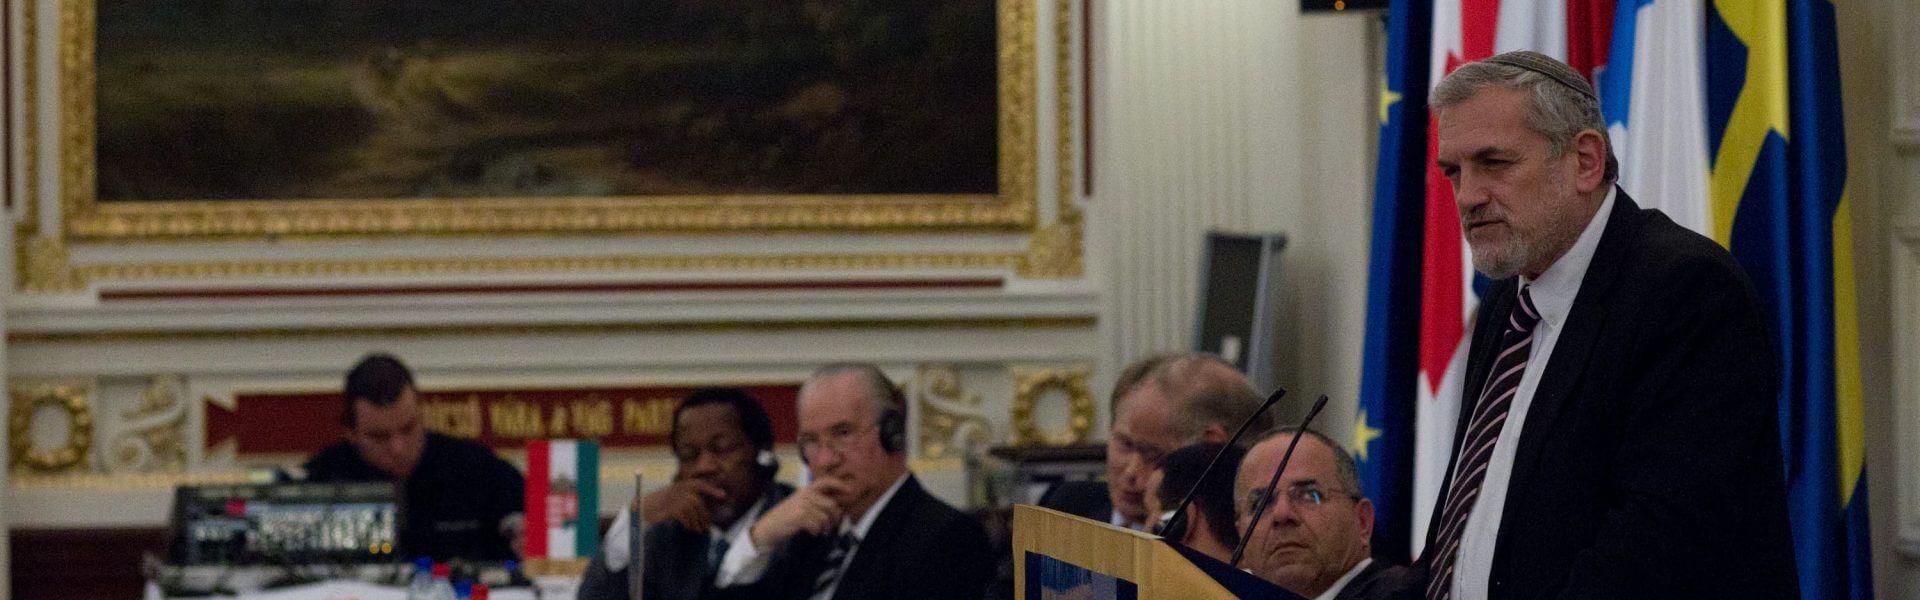 הרב בני אלון בכינוס של השדולות למען ישראל בוושינגטון, תמונה ראשית: Israel Allies Foundation